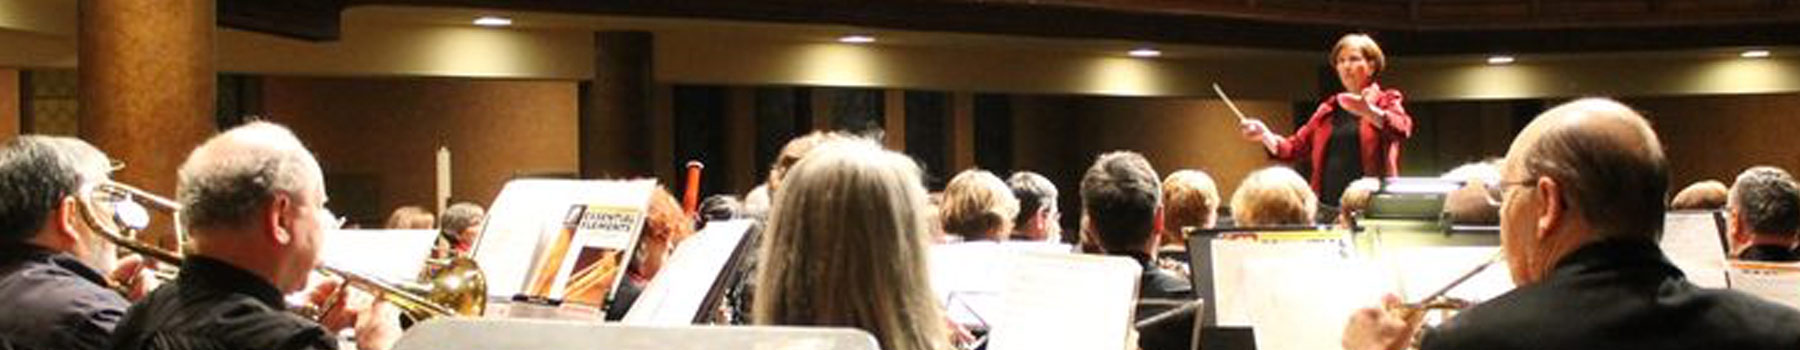 onhb-concert